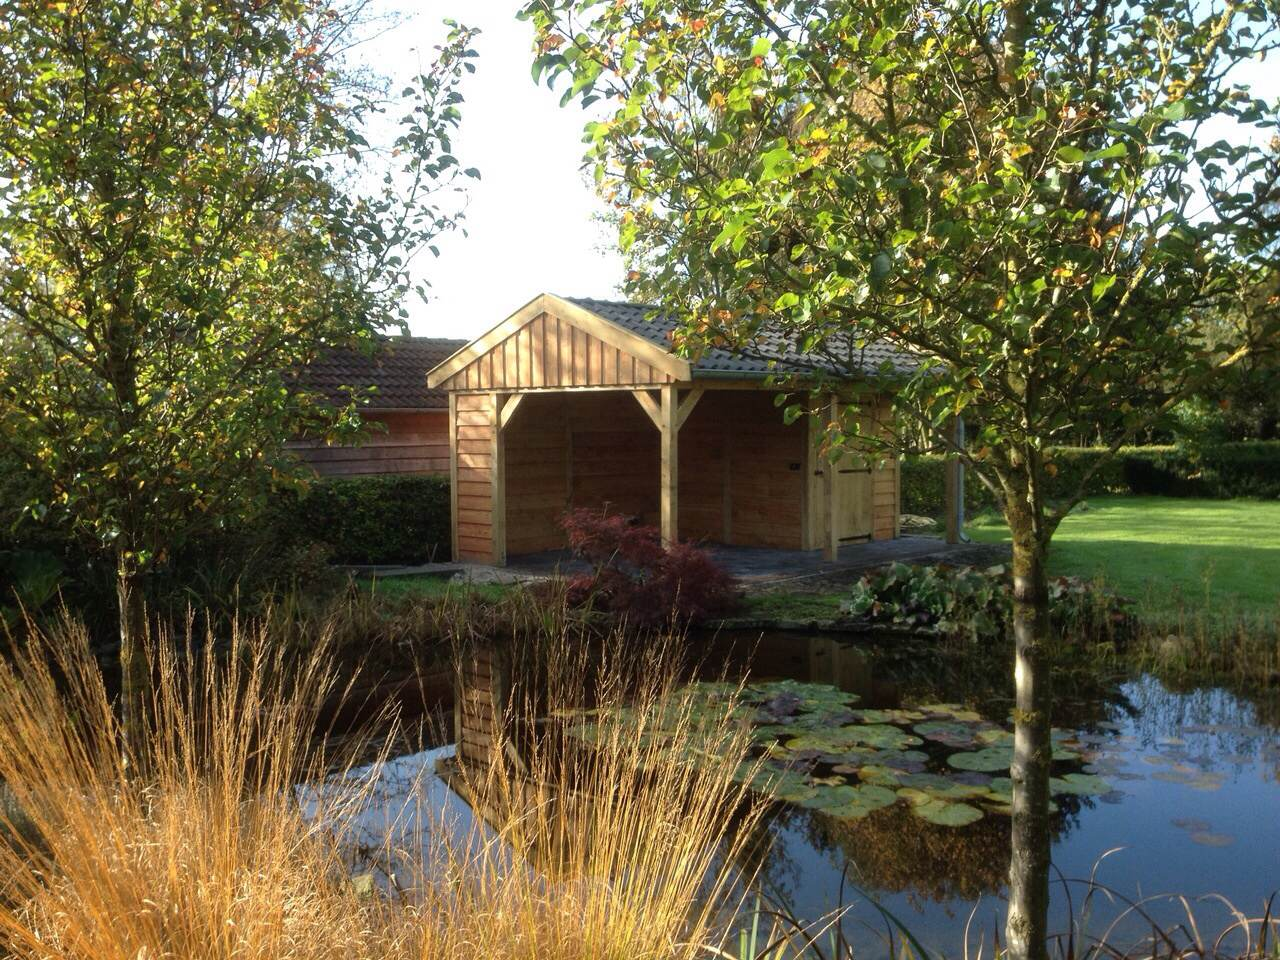 eikenhouten_tuinhuis_met_veranda_3 - Ontdek de charme en stijlvolle uitstraling van een eikenhouten bijgebouw in de natuur.